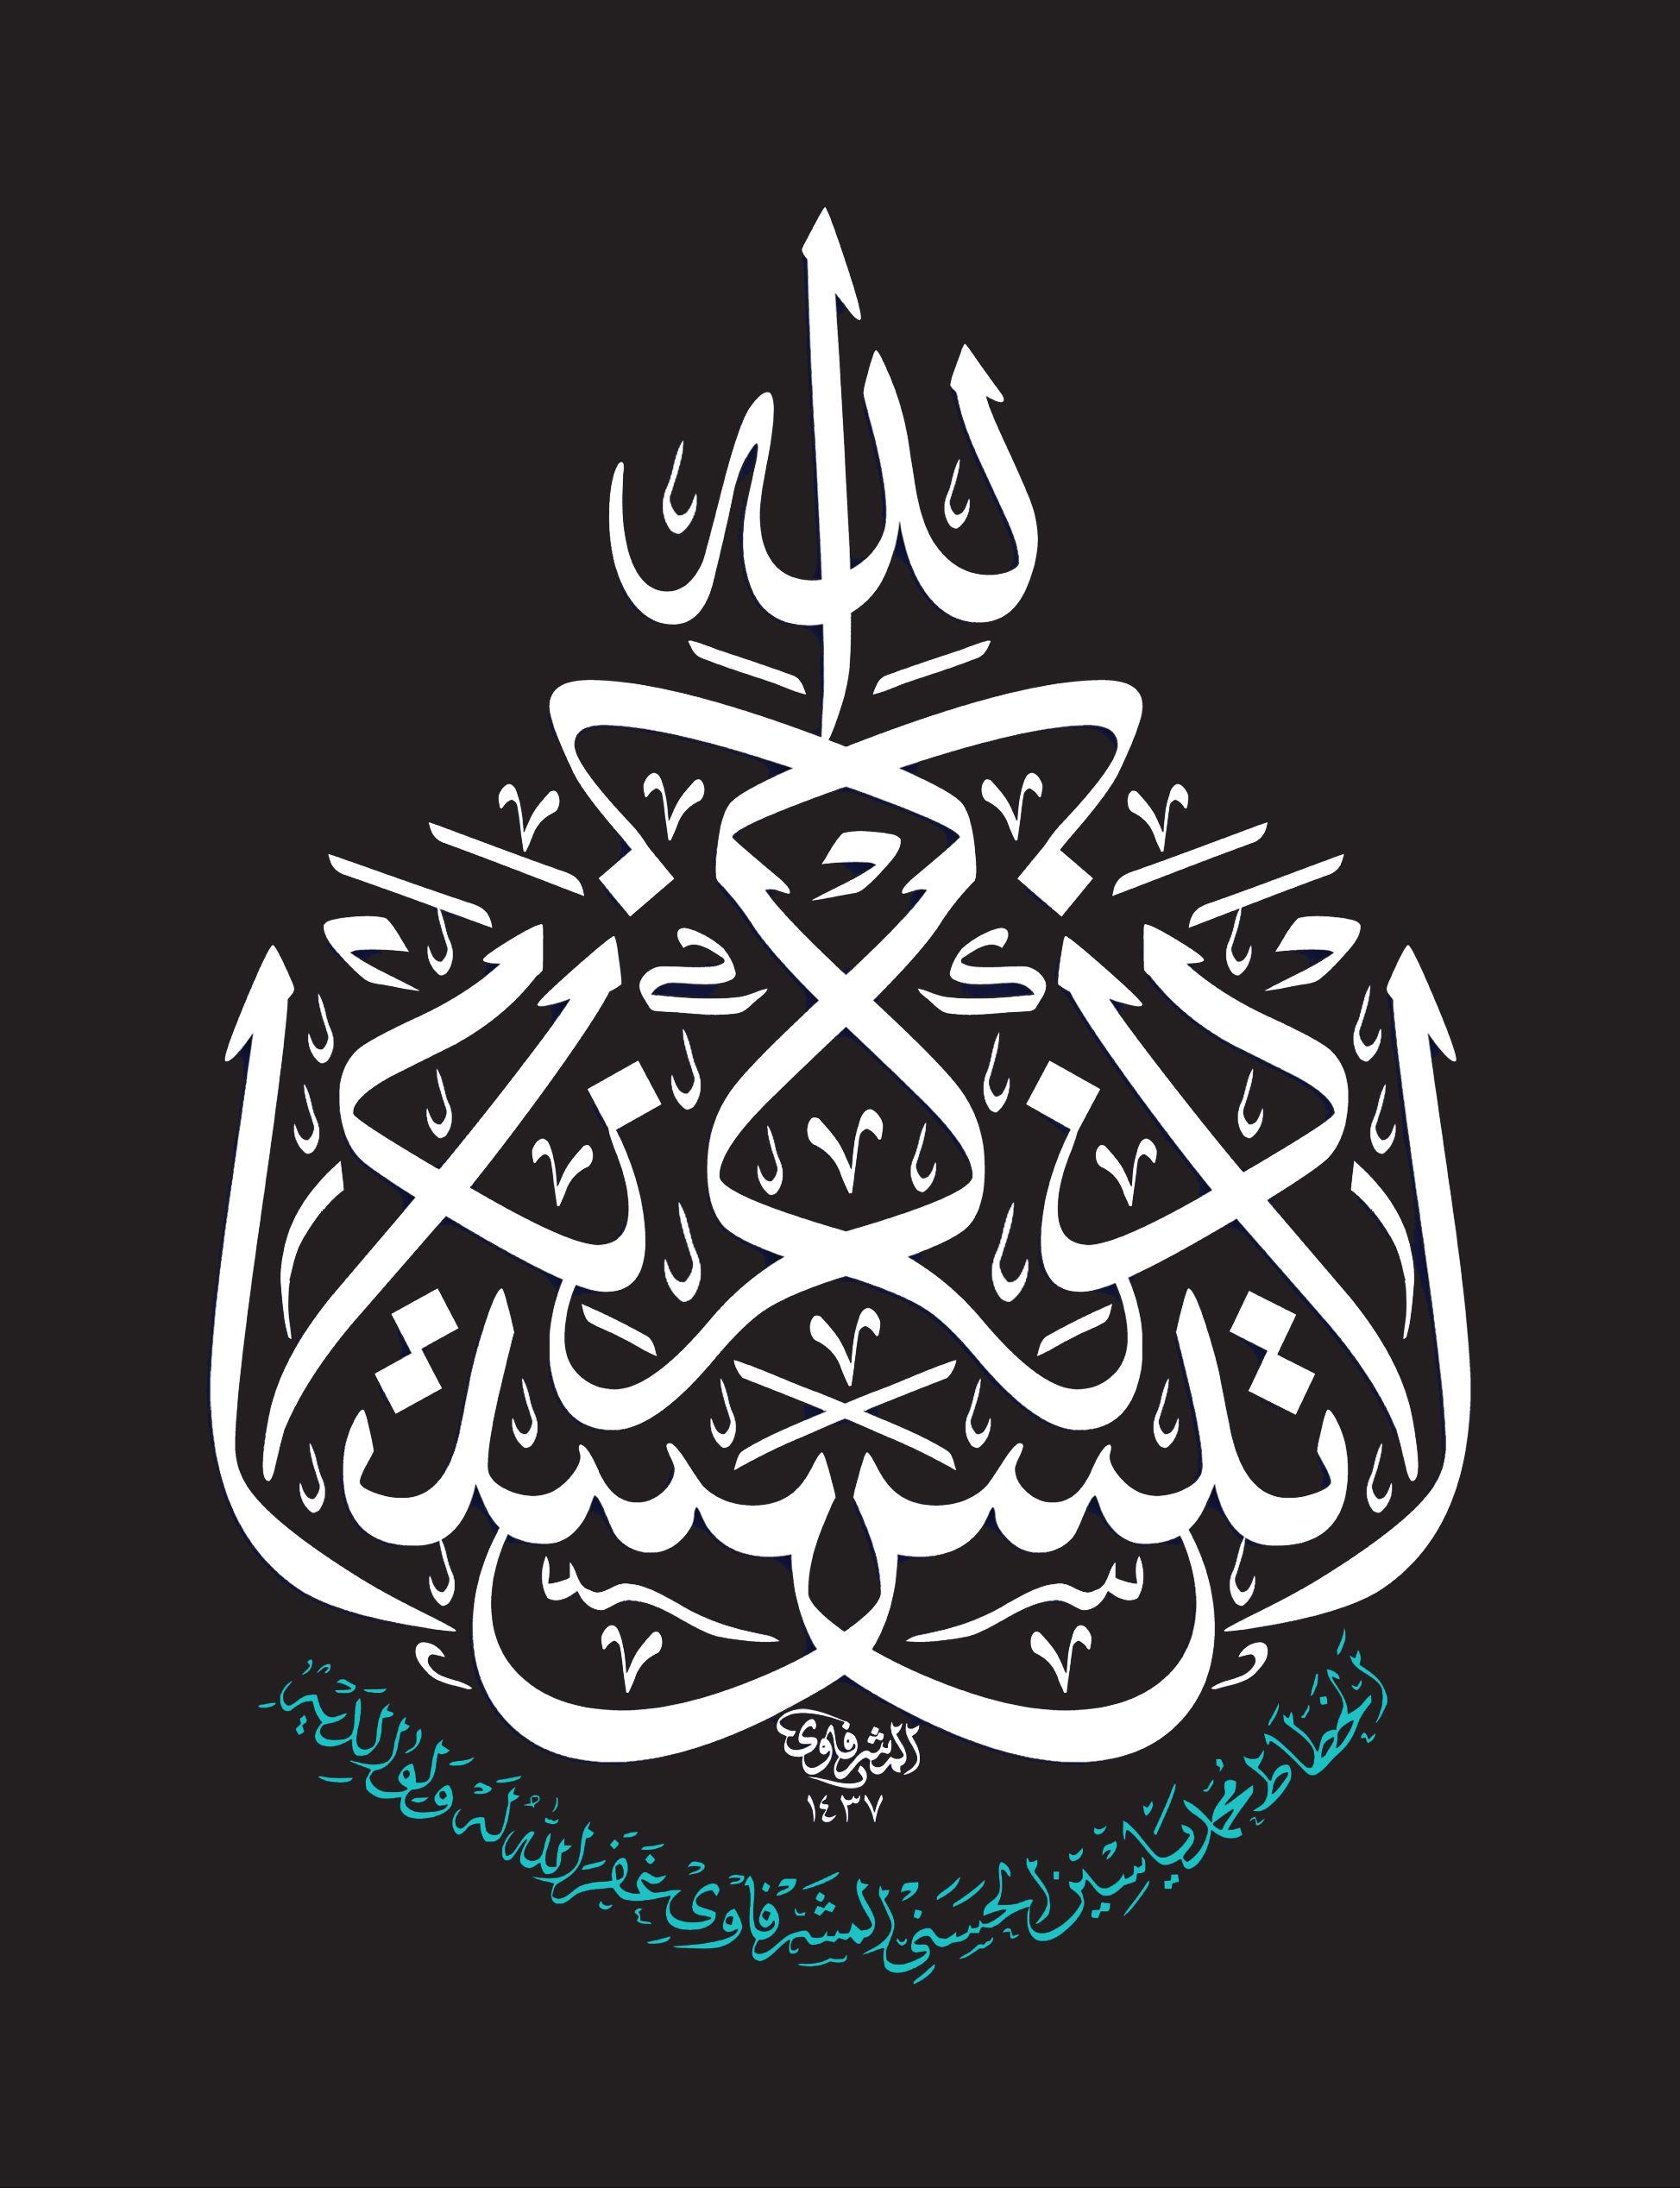 لاتنس ذكر الله الخطاط محمد الحسني المشرفاوي Calligraphy Art Islamic Art Calligraphy